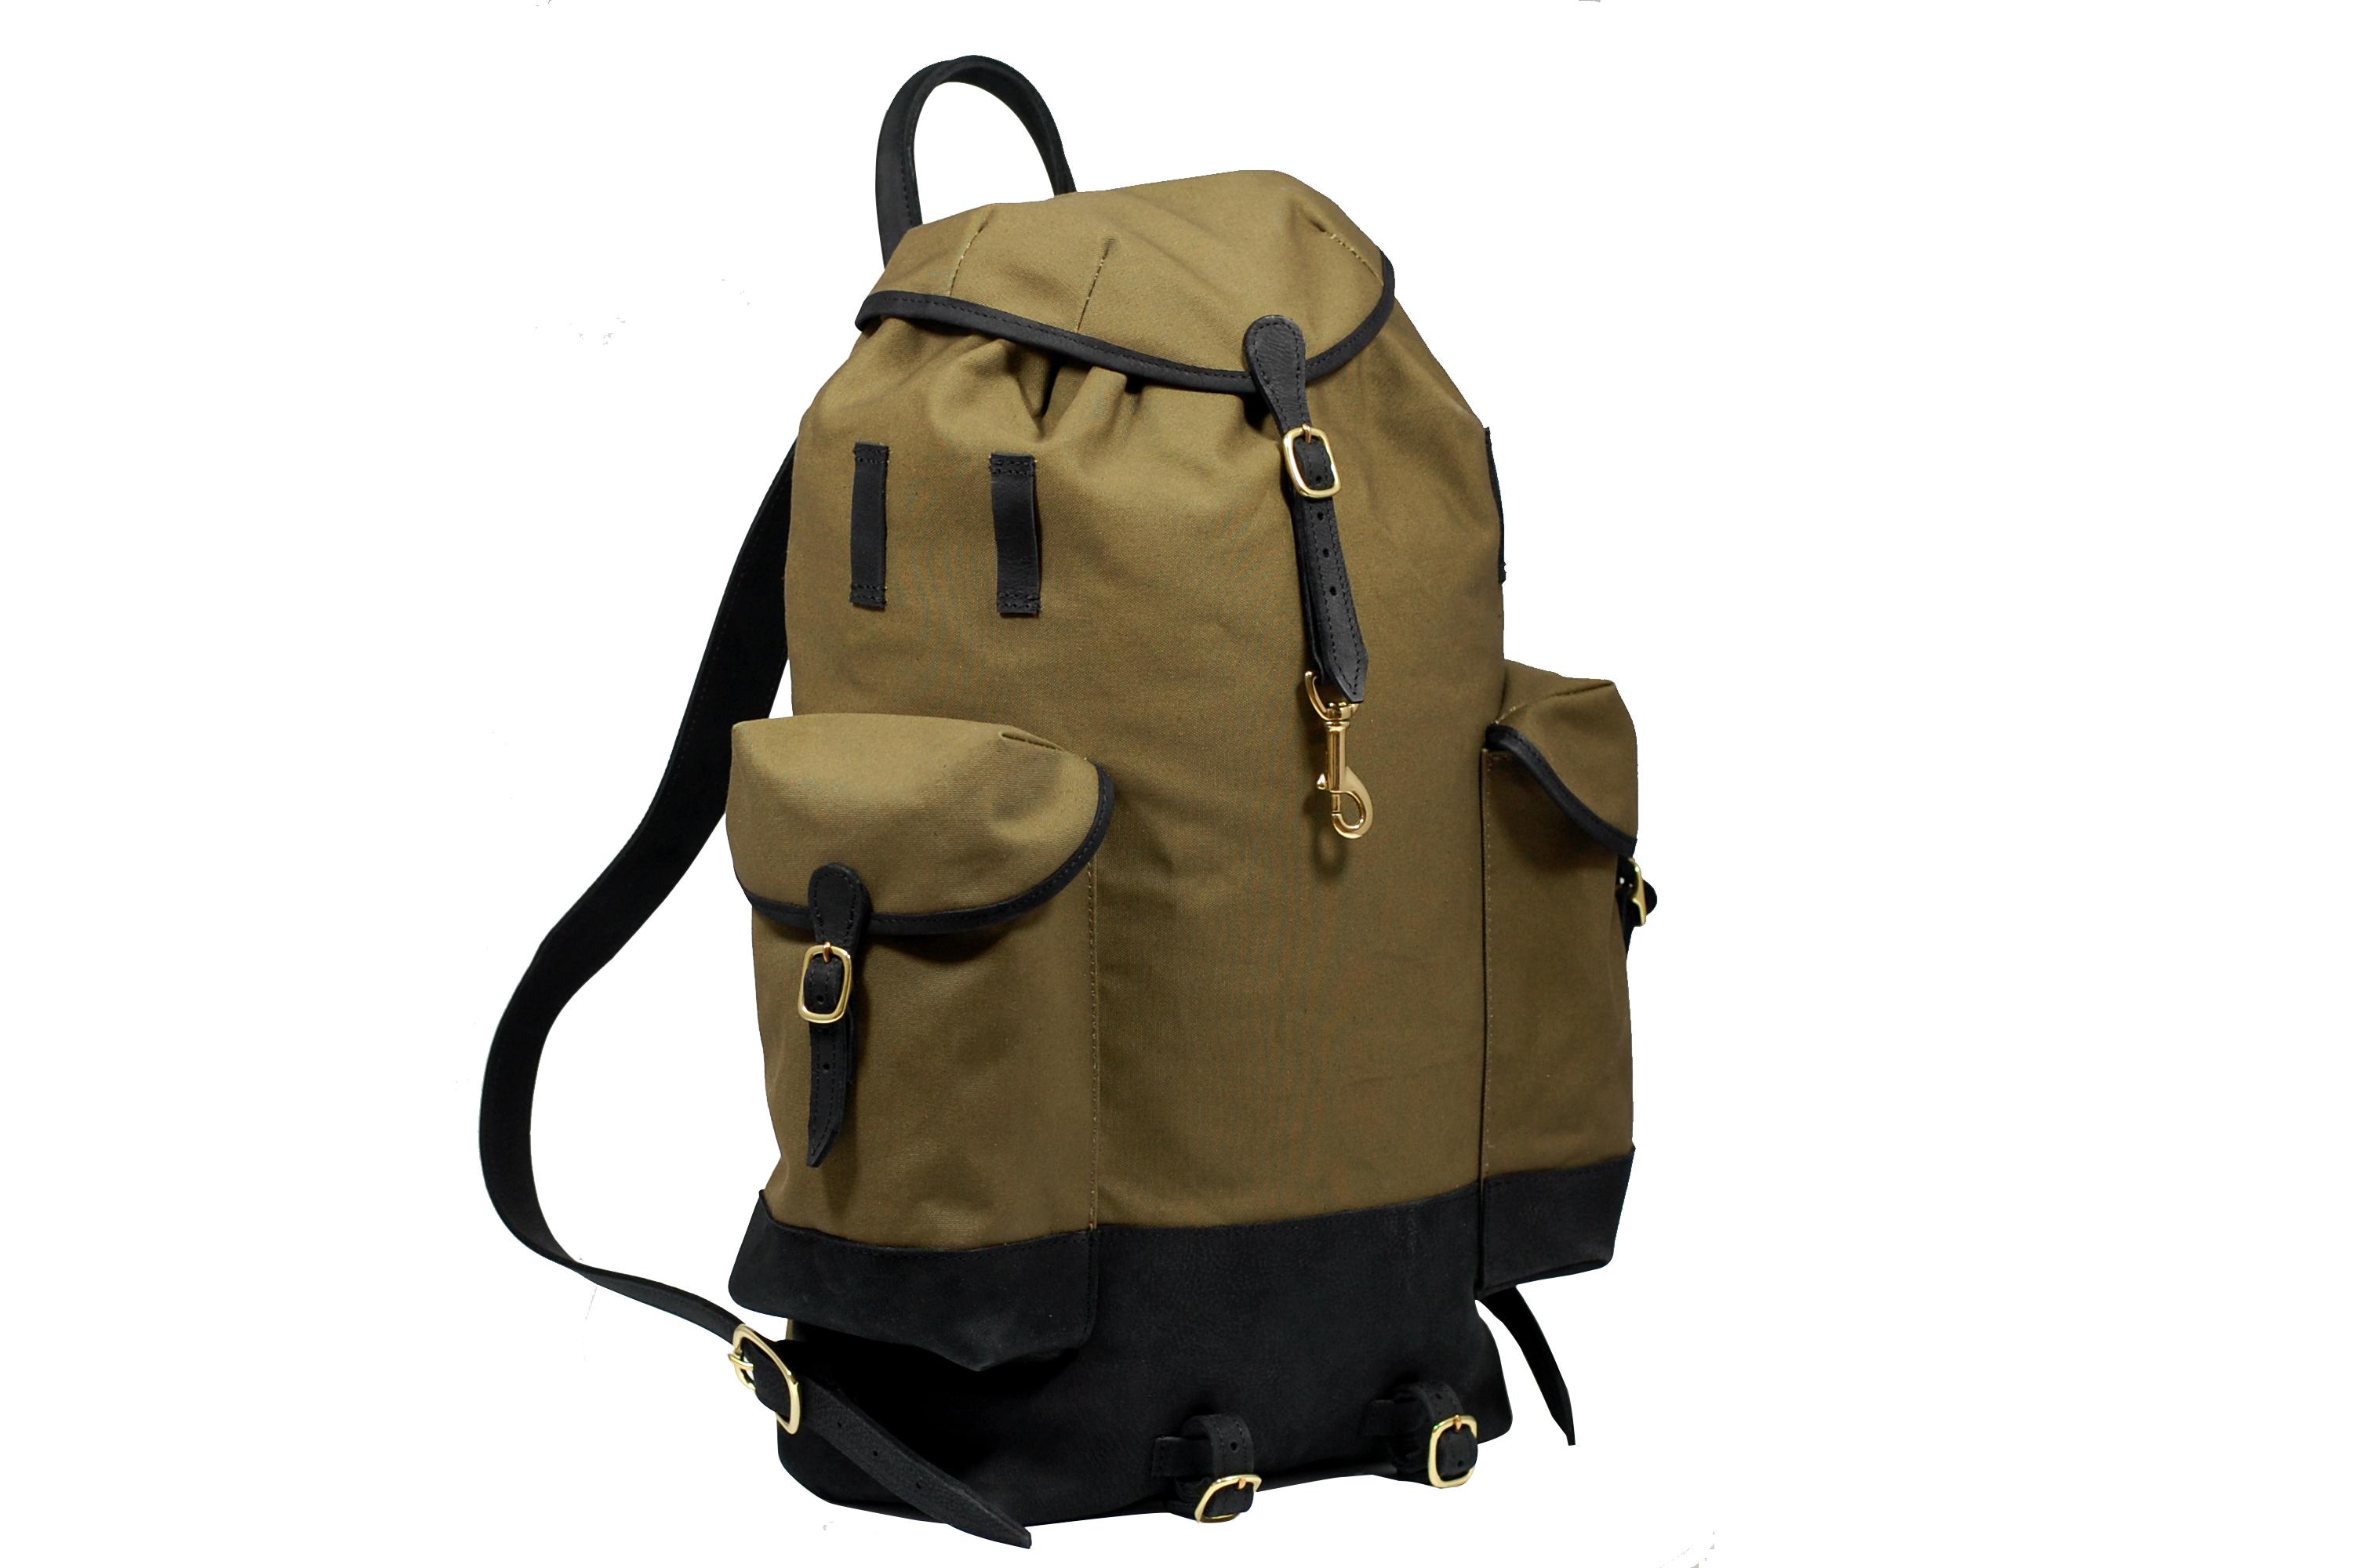 MAHIOUT Perce neige backpack in black/olive, designer, luxury, craftsmanship